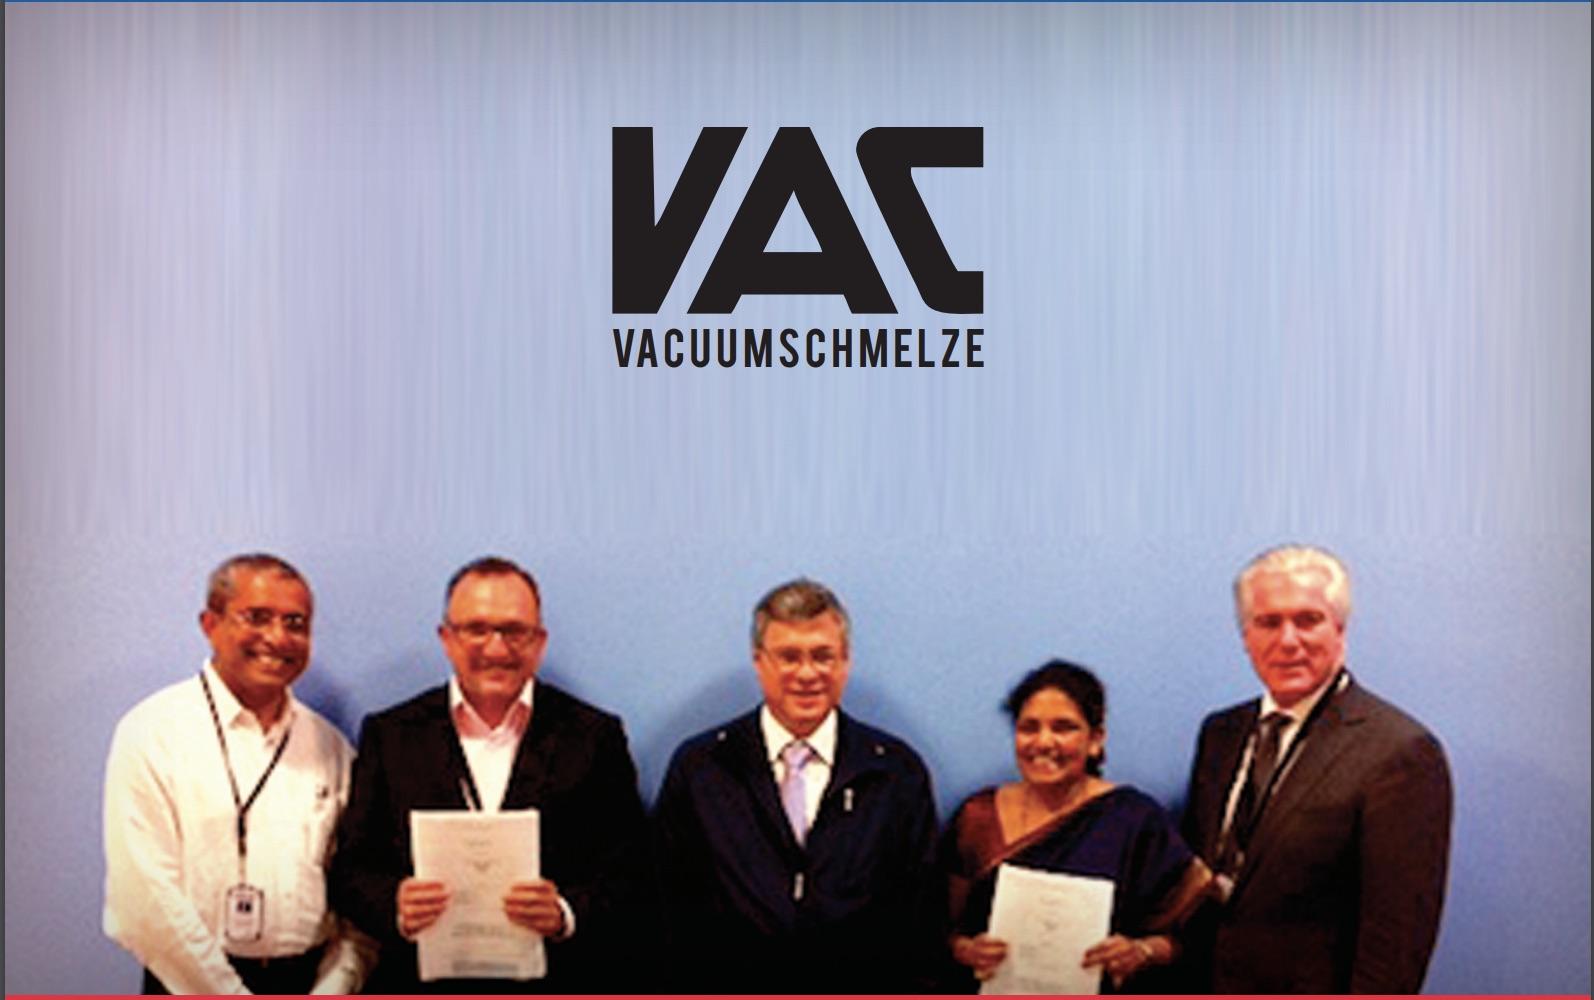 VAC.jpg